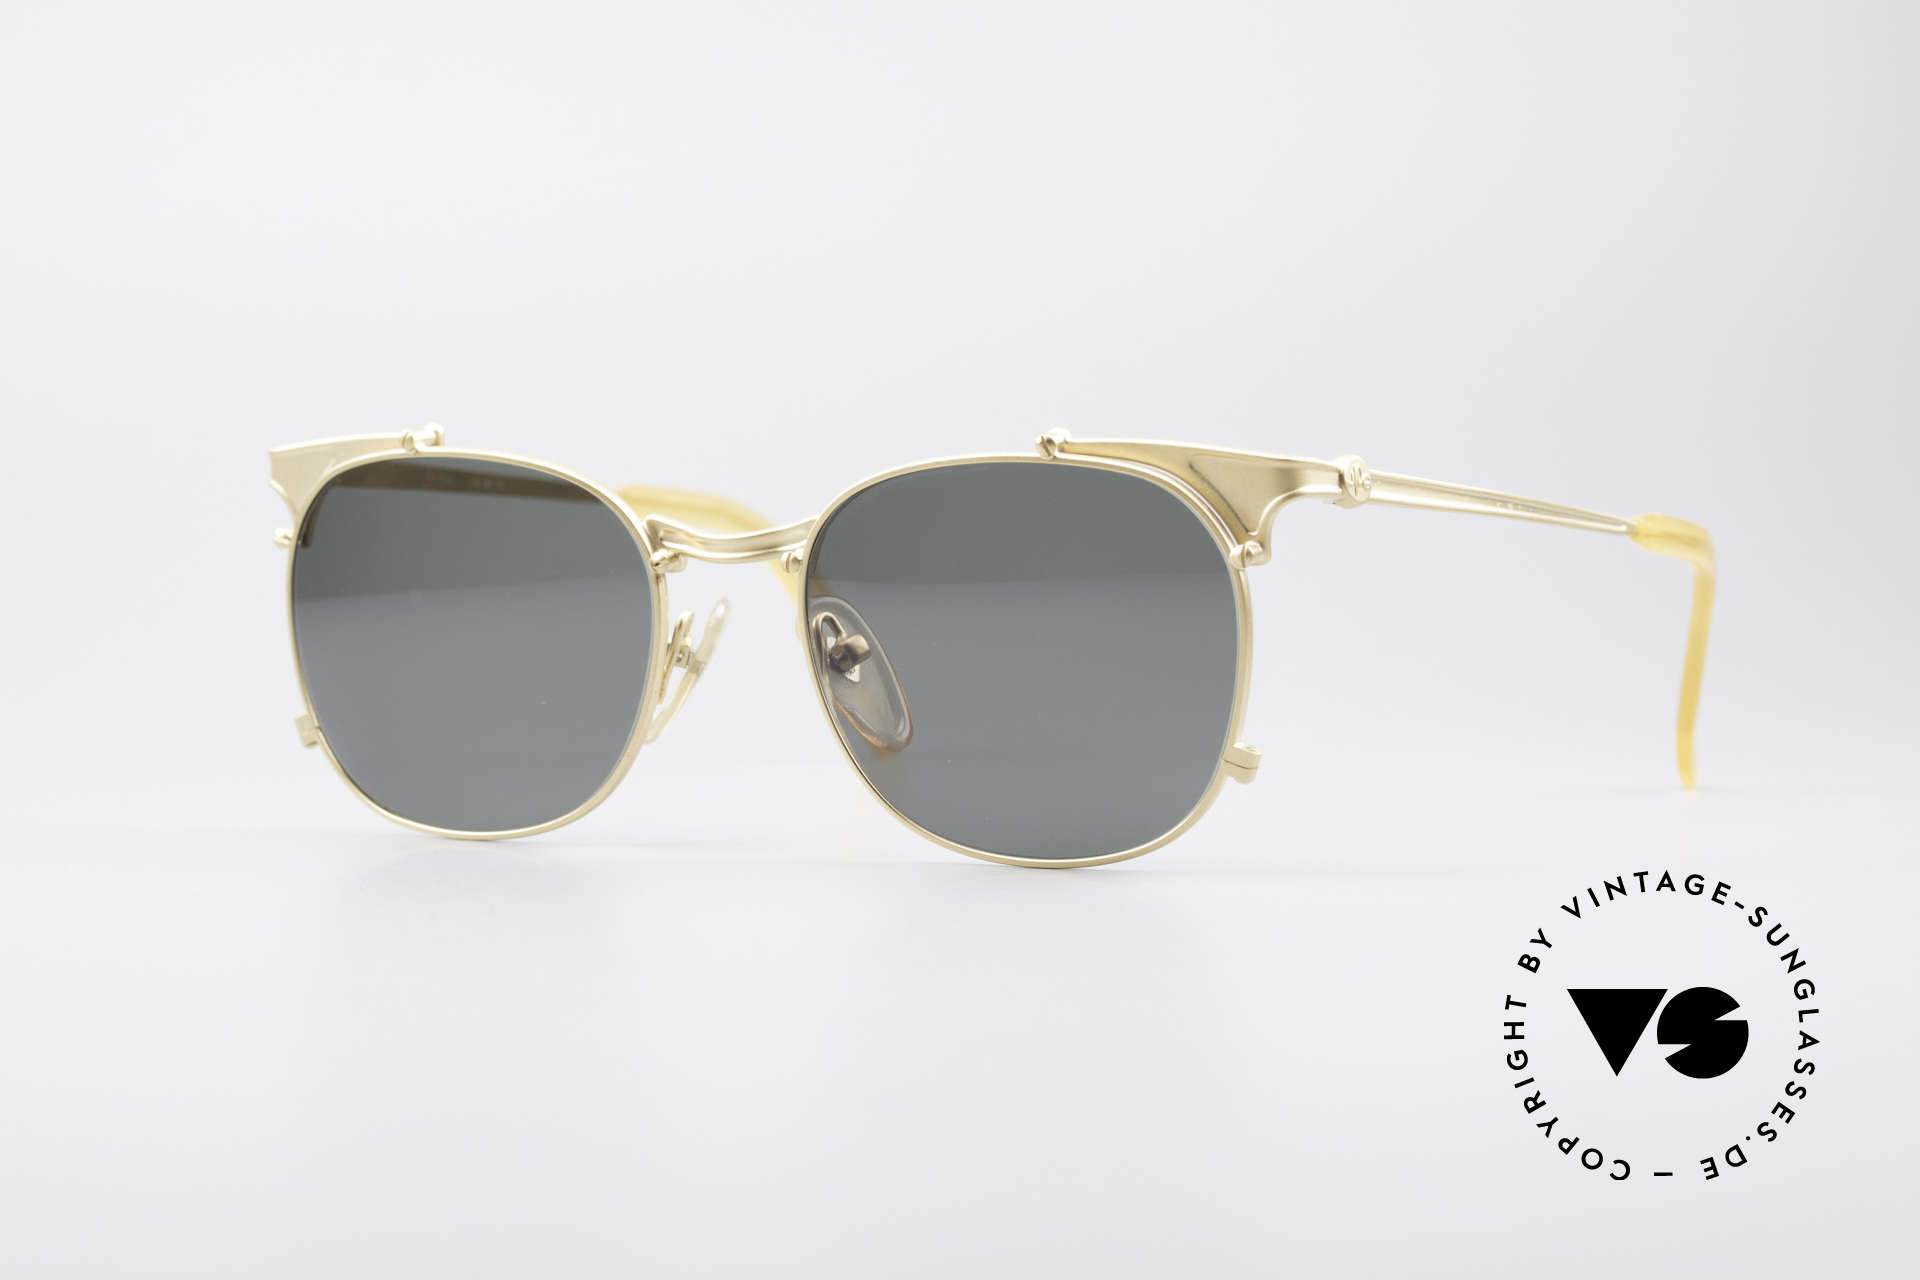 Jean Paul Gaultier 56-2175 Rare Vintage Sonnenbrille, rare vintage JEAN PAUL GAULTIER Sonnenbrille, Passend für Herren und Damen